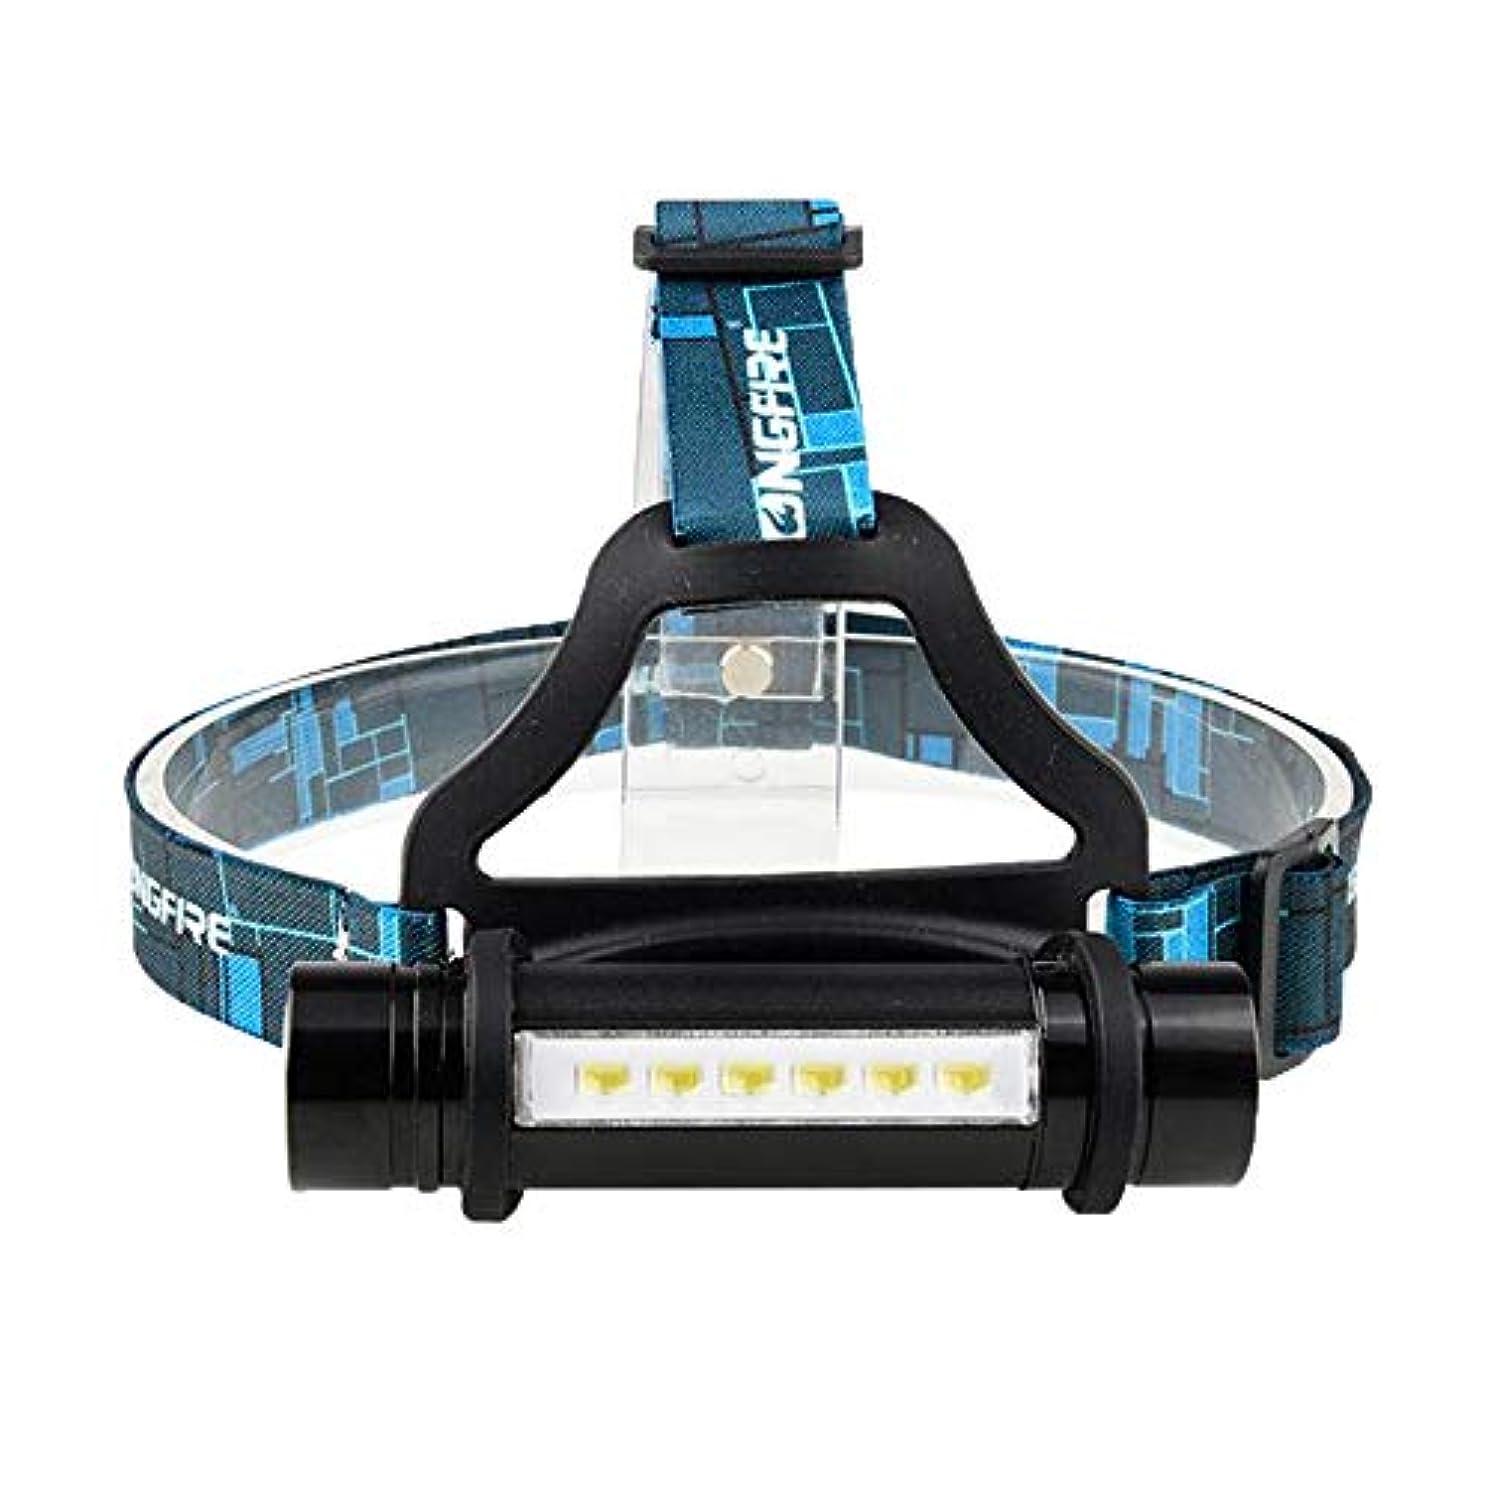 アロングどれ資本ZMAYASTAR LEDヘッドライト 3点灯モード 登山 夜釣り アウトドア作業 SOSフラッシュ機能 単4/18650電池対応(バッテリーなし) MU-29